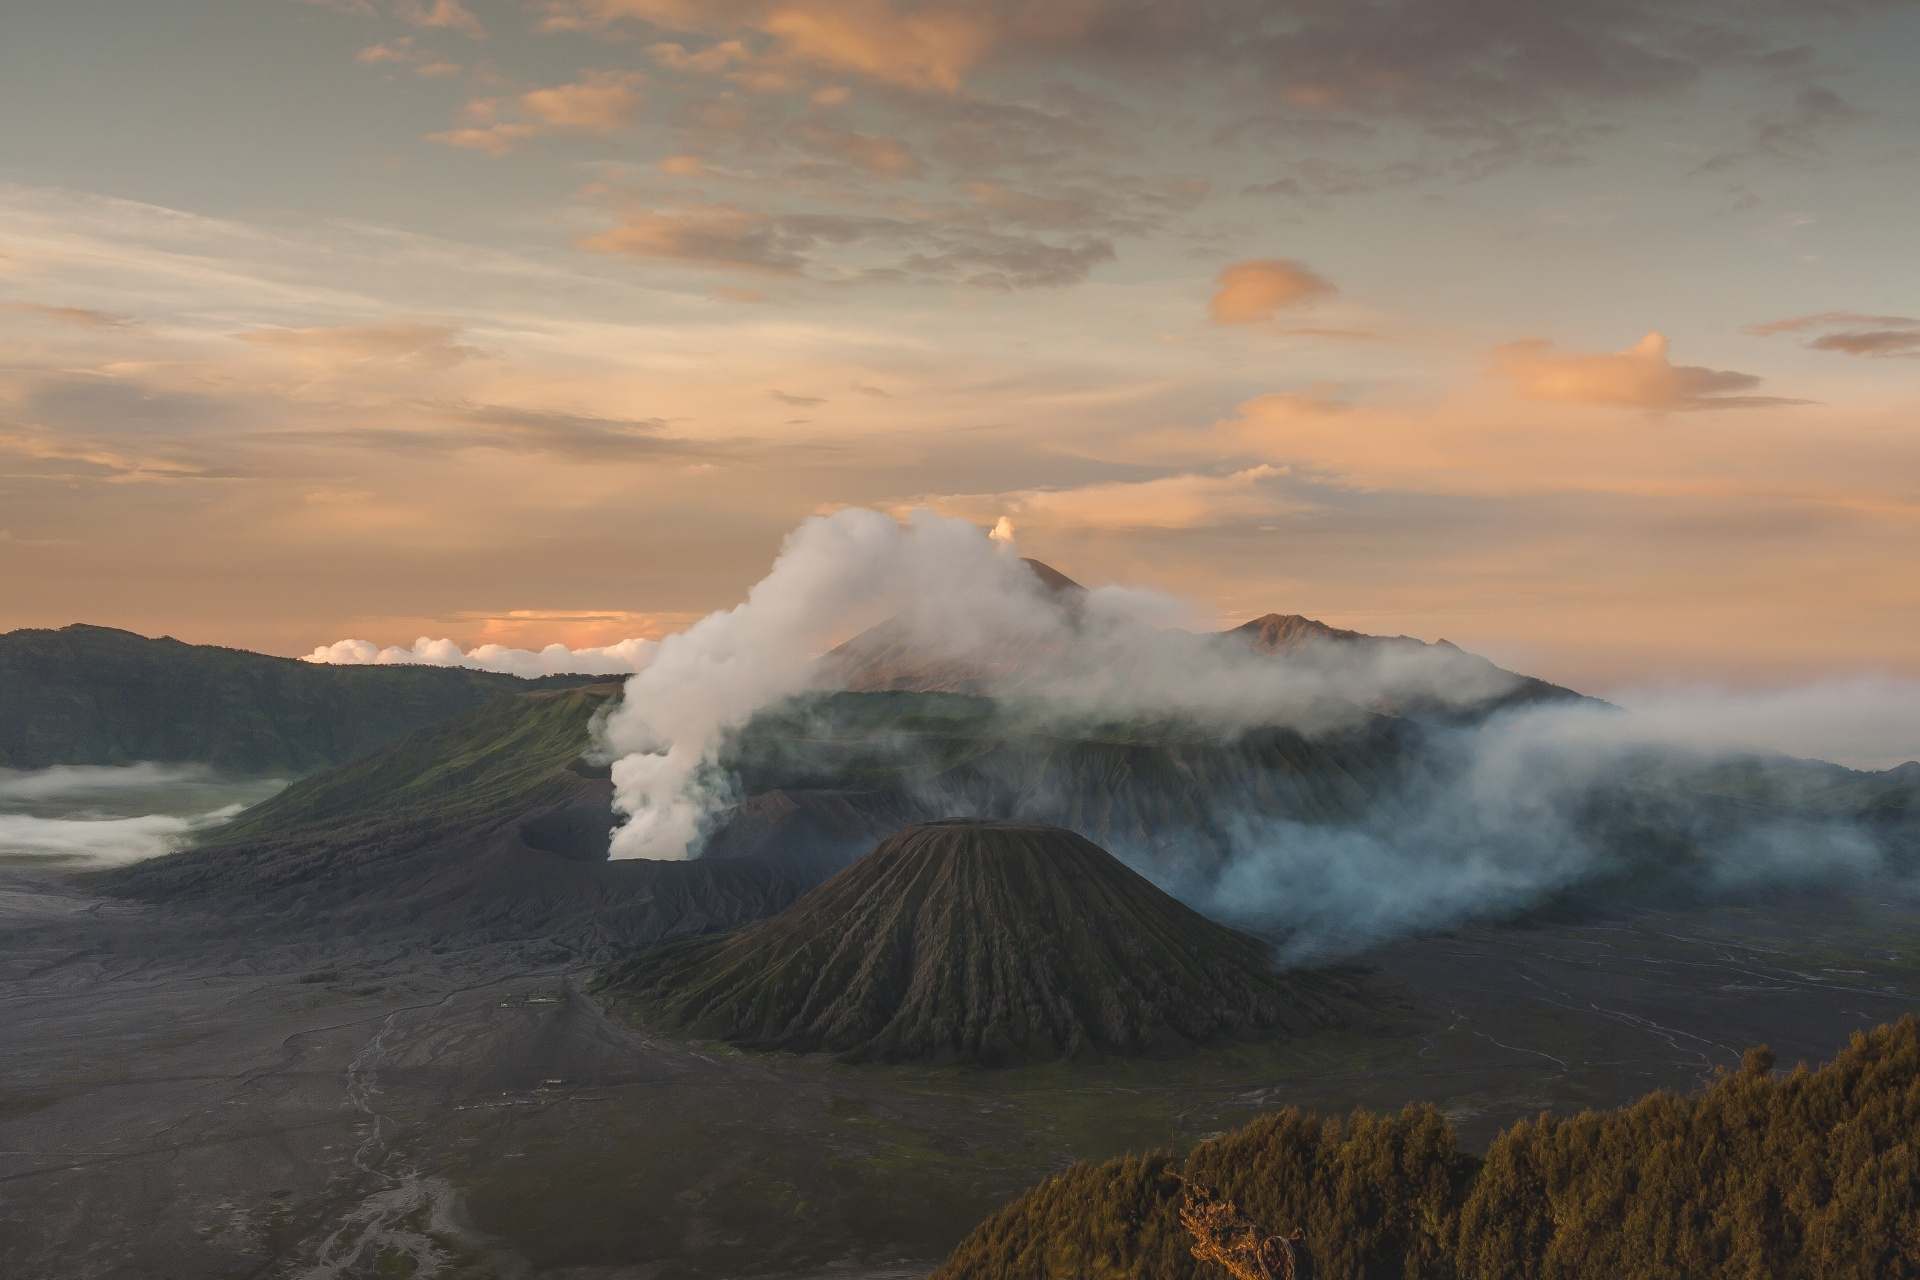 マウントブロモ国立公園 東ジャワ インドネシアの風景